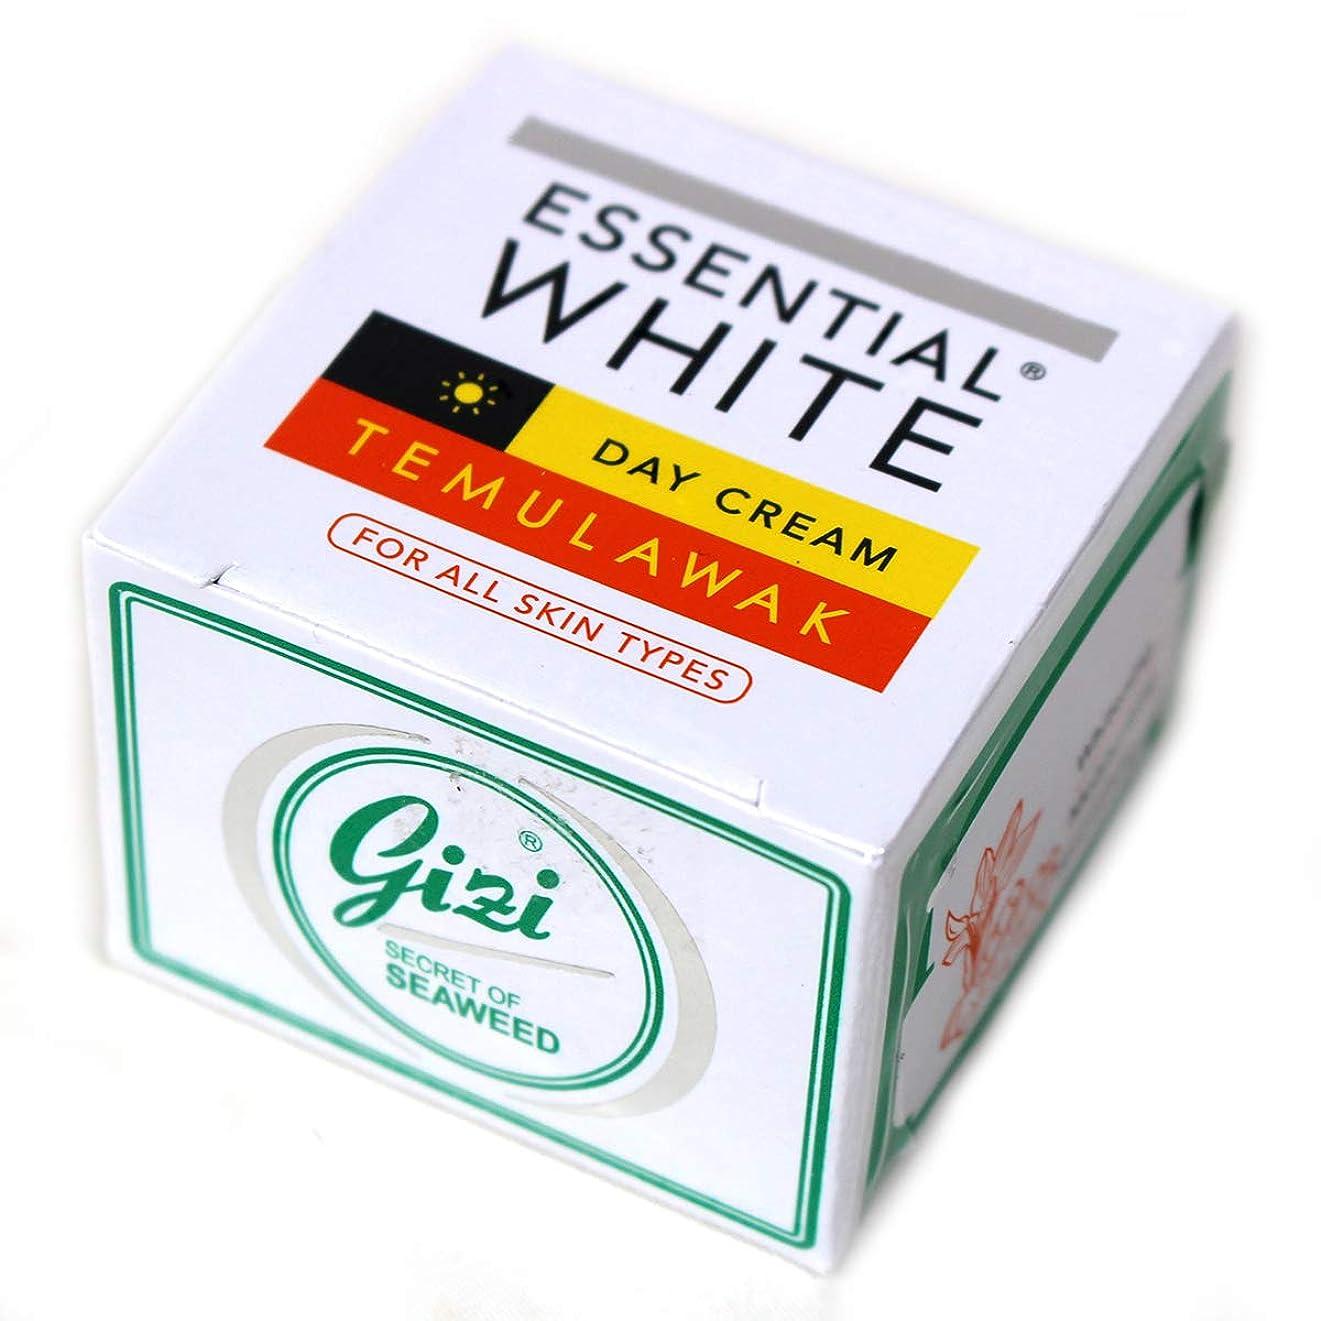 露骨なさせる対ギジ gizi Essential White 日中用スキンケアクリーム ボトルタイプ 9g テムラワク ウコン など天然成分配合 [海外直送品]